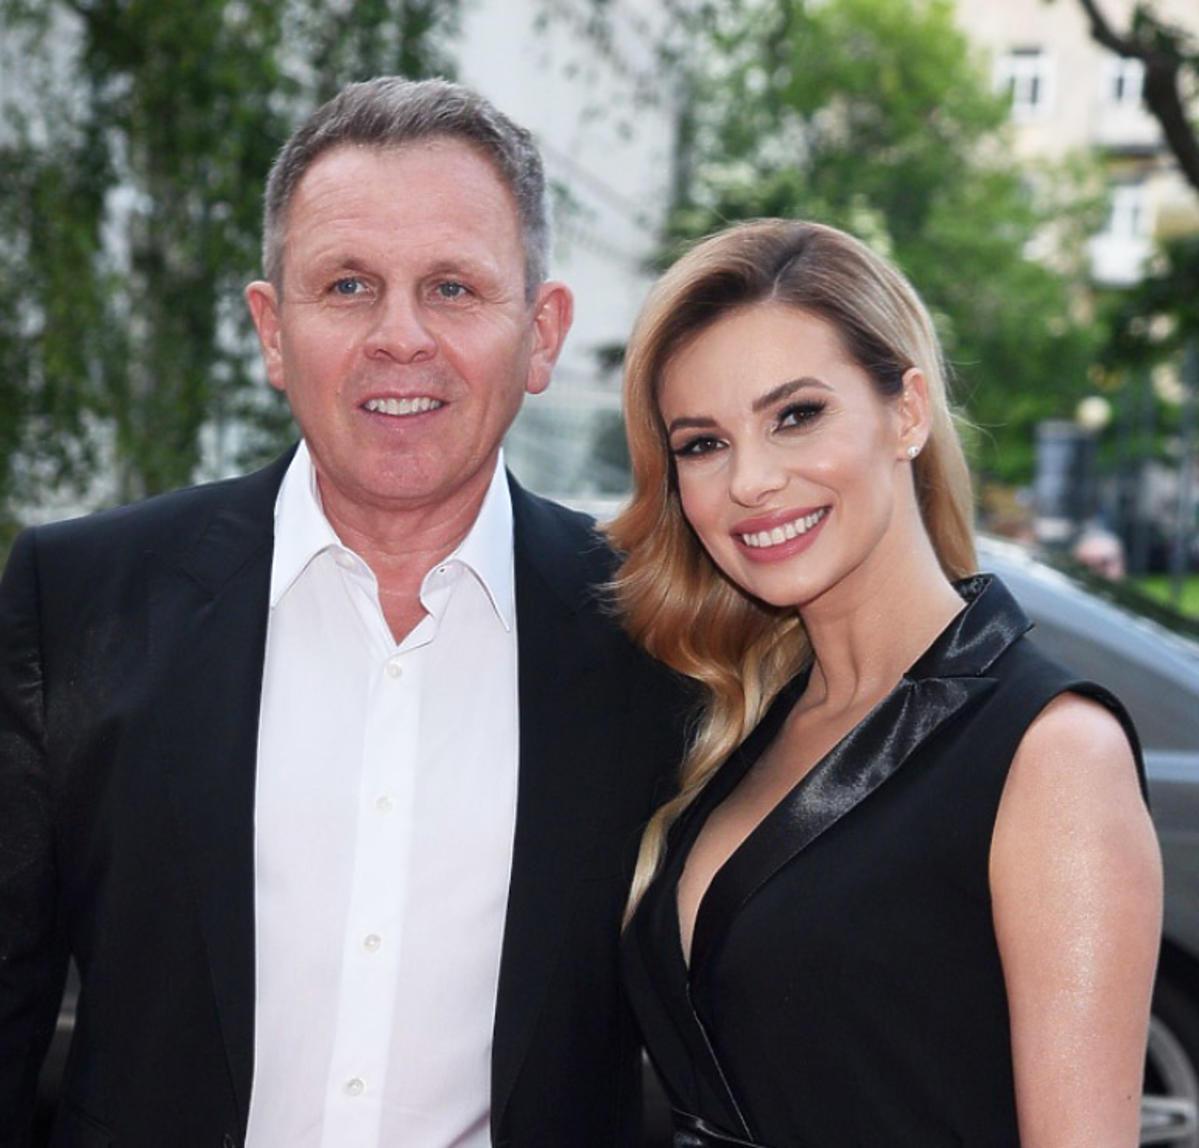 Izabela Janachowska i jej mąż Krzysztof Jabłoński pojawili się na imprezie biznesowej